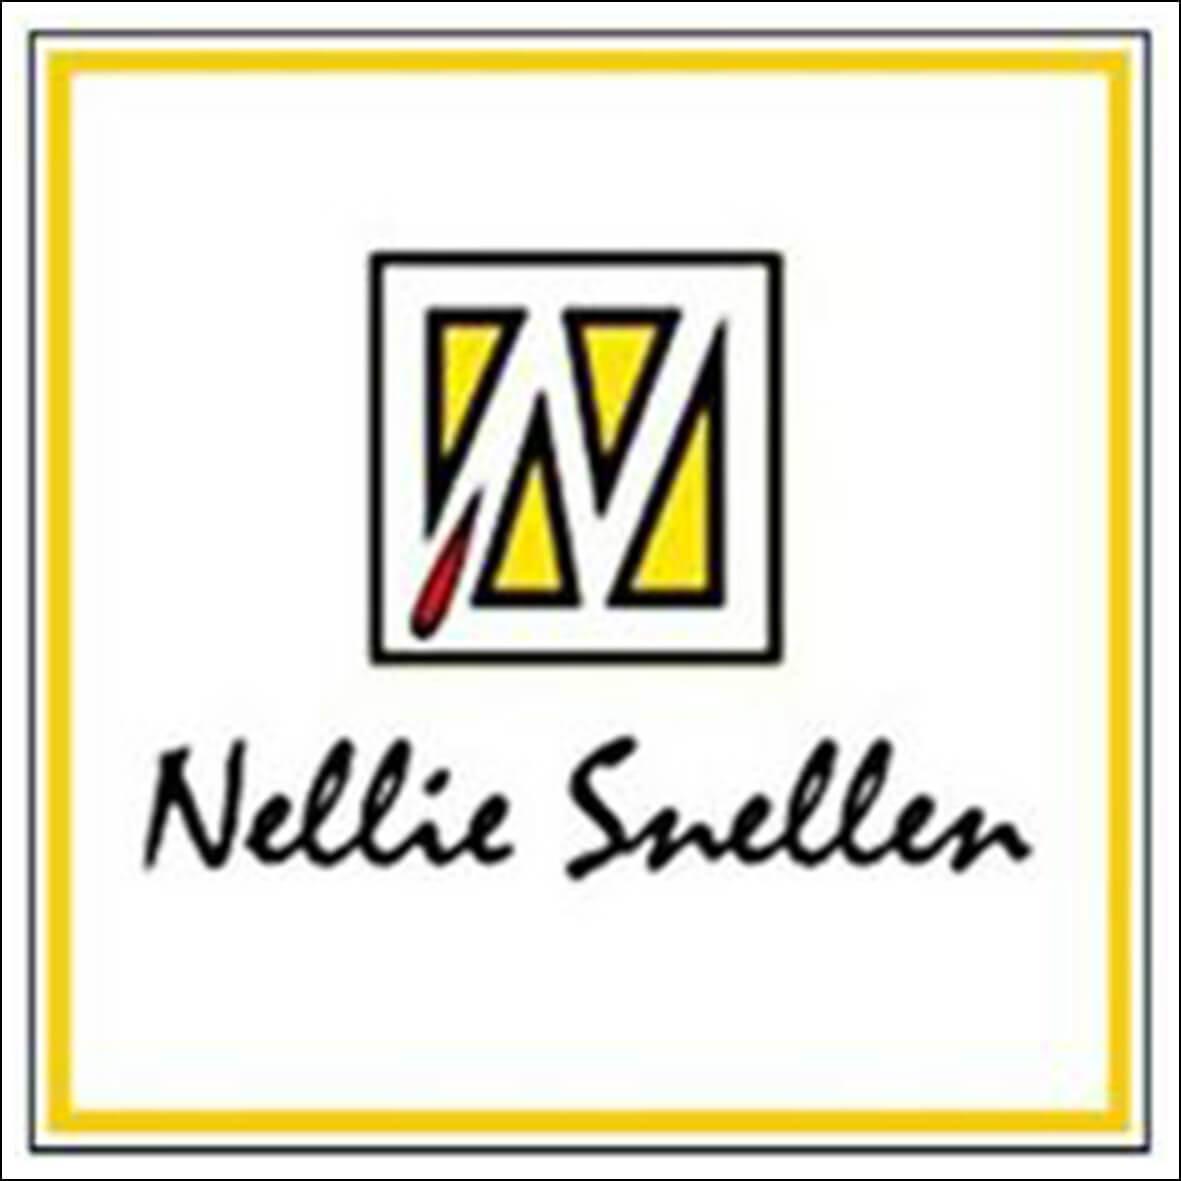 Nellie's Snellen